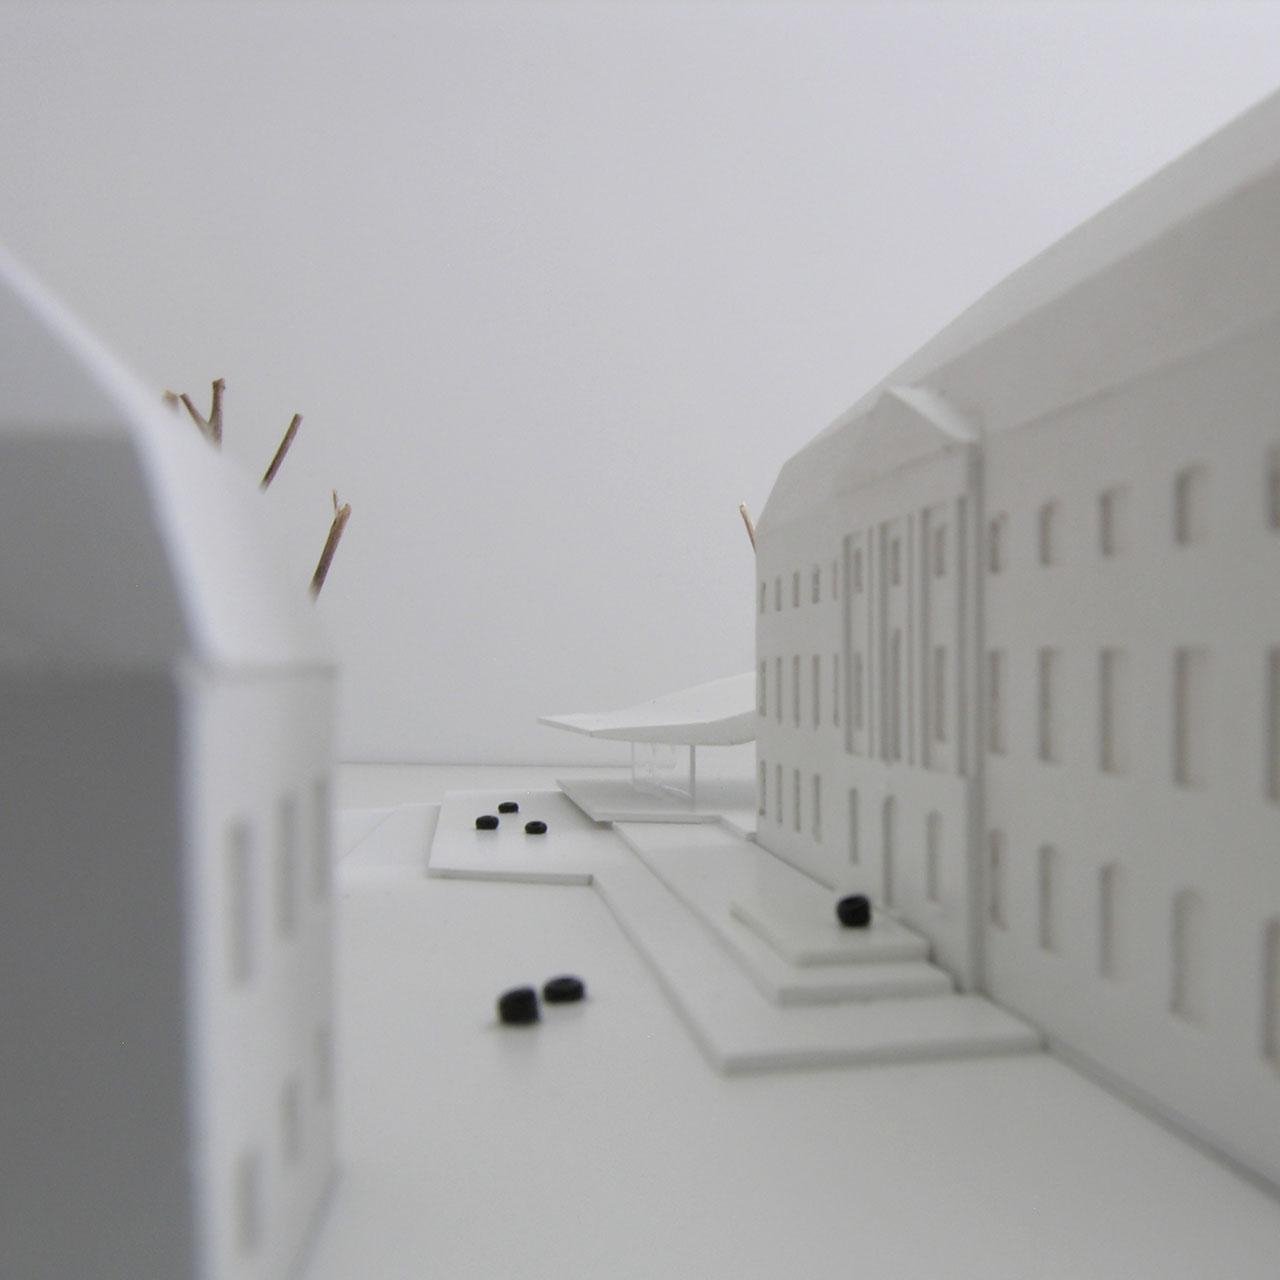 Wettbewerb Nachhaltige Sanierung Landtagsgebäude Rheinland-Pfalz, Modell